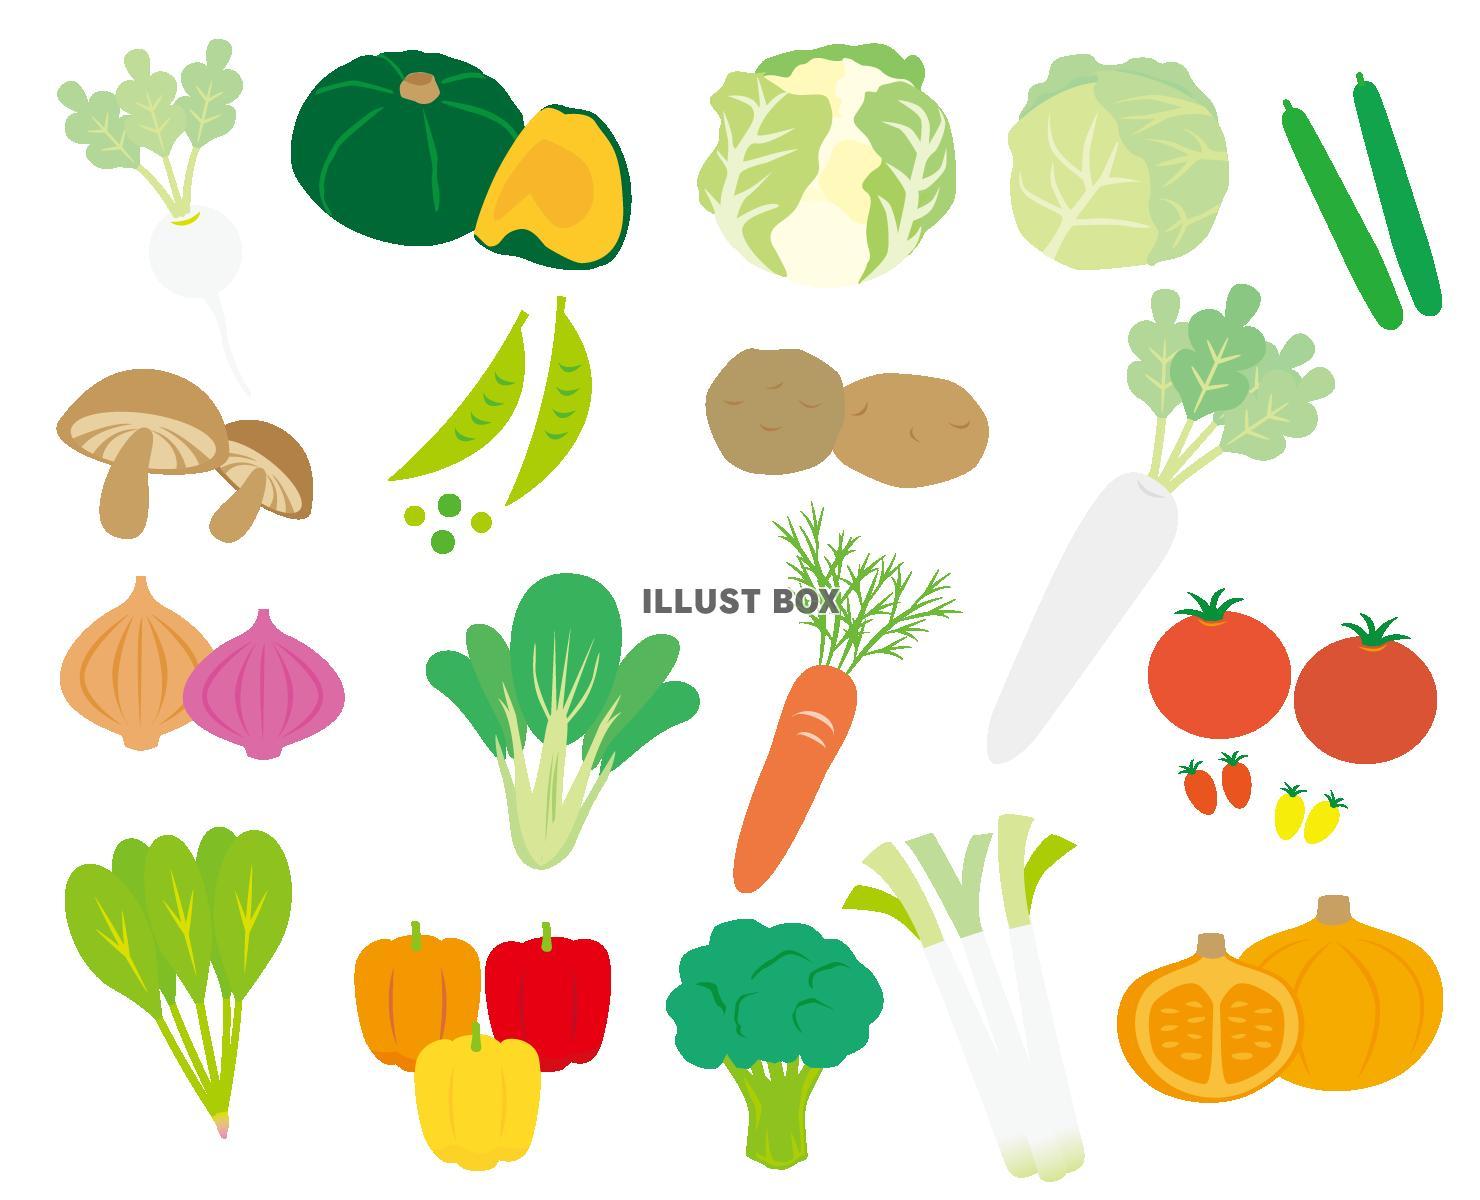 無料イラスト いろいろな野菜のイラストセット 透過pngとベクターe